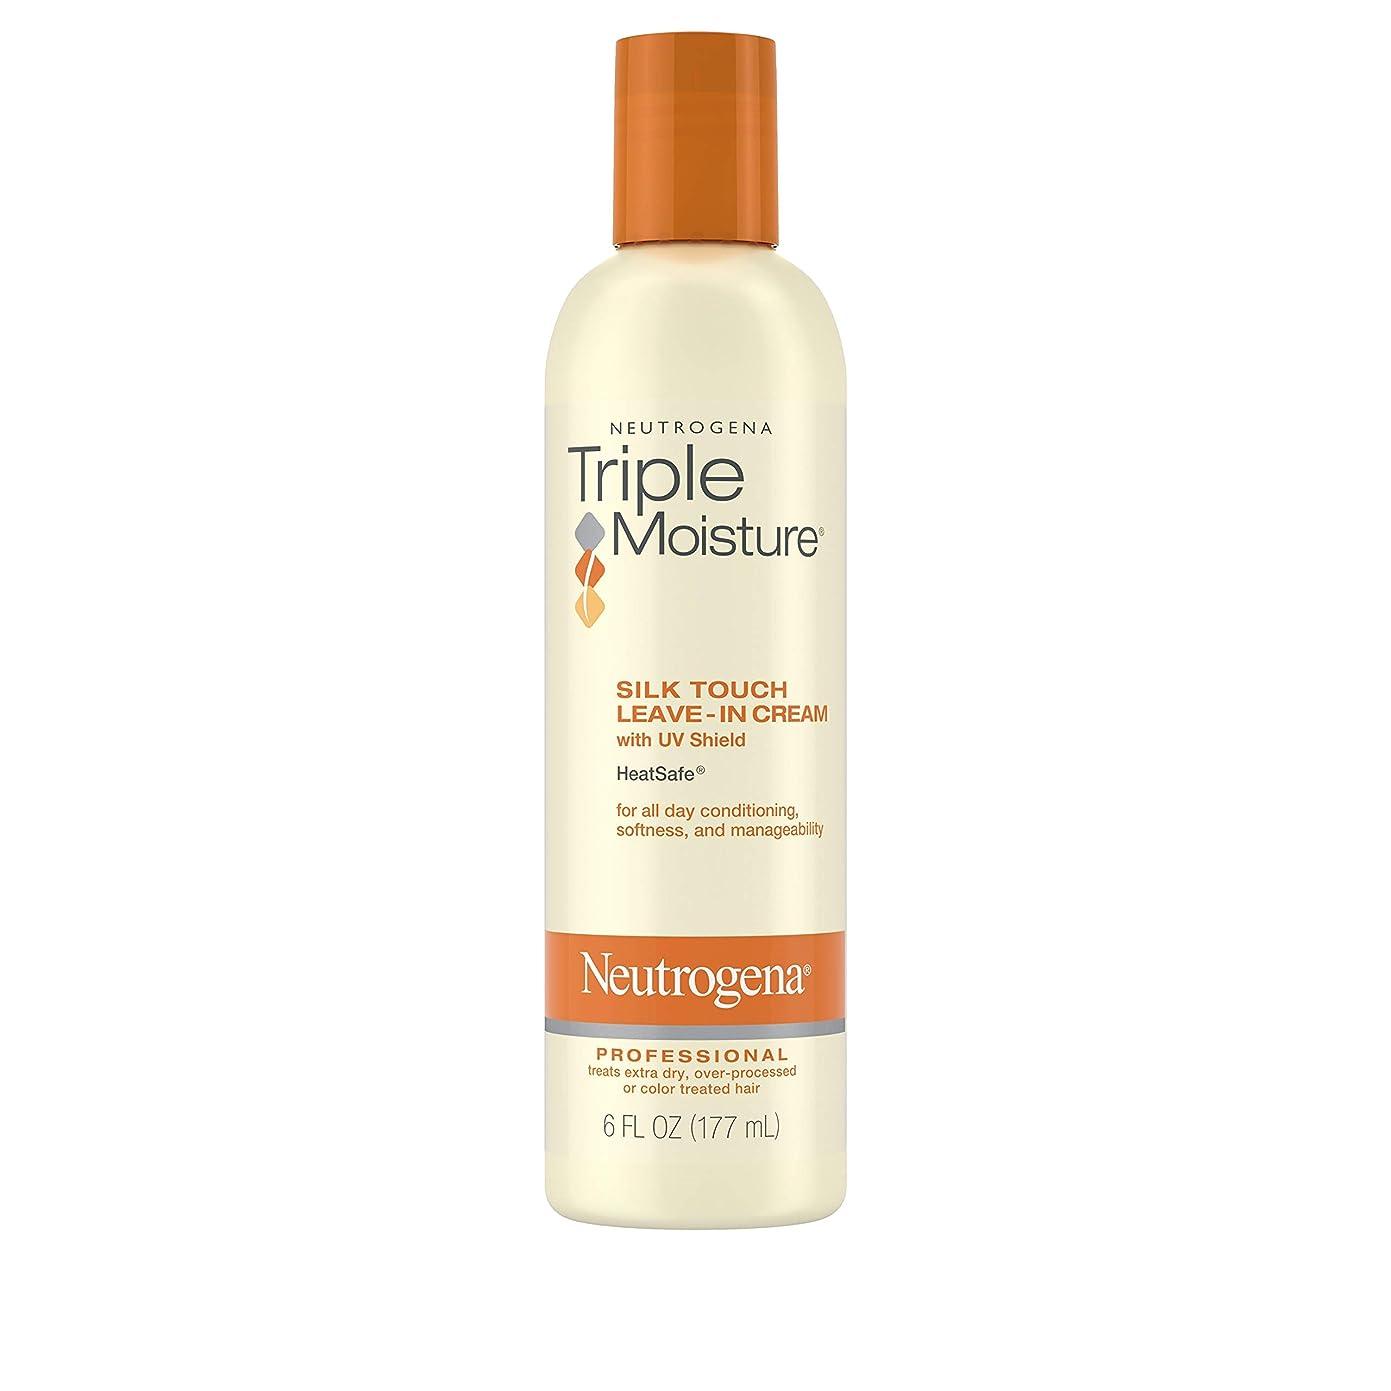 腐敗した避けるコマンドNeutrogena Triple Moisture Silk Touch Leave-In Cream 175 ml (並行輸入品)